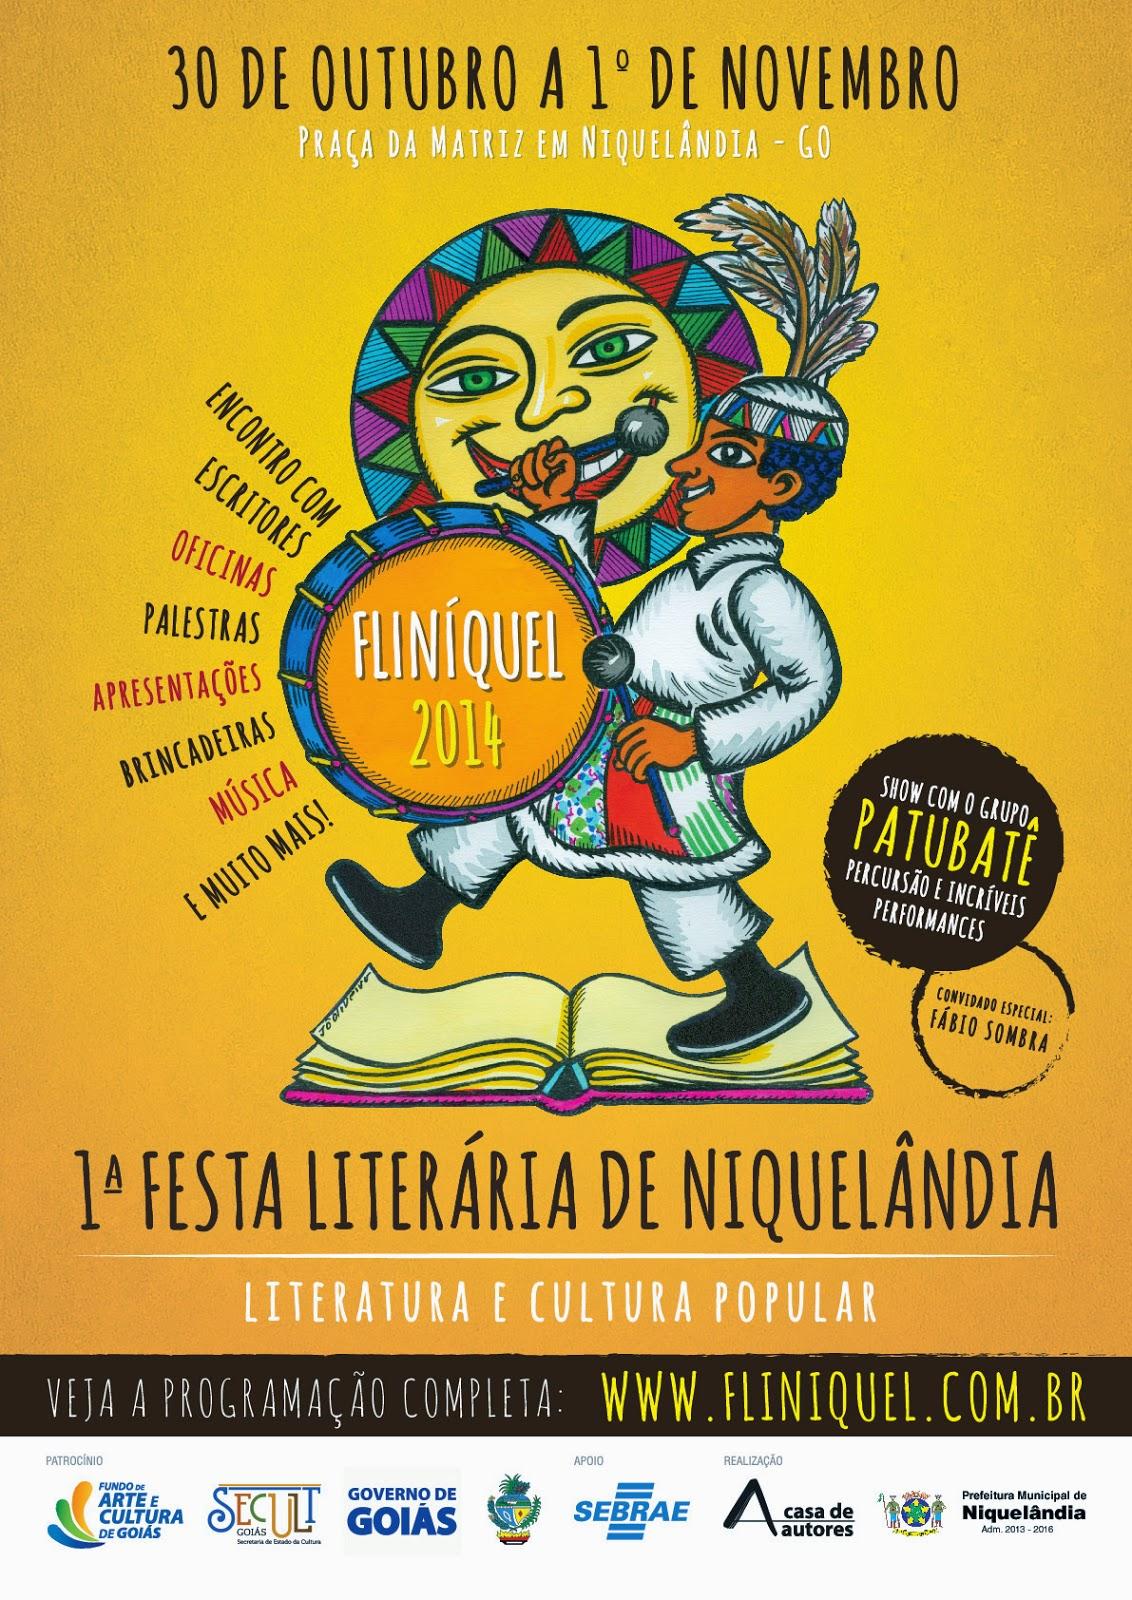 Fliníquel - Feira Literária de Niquelândia